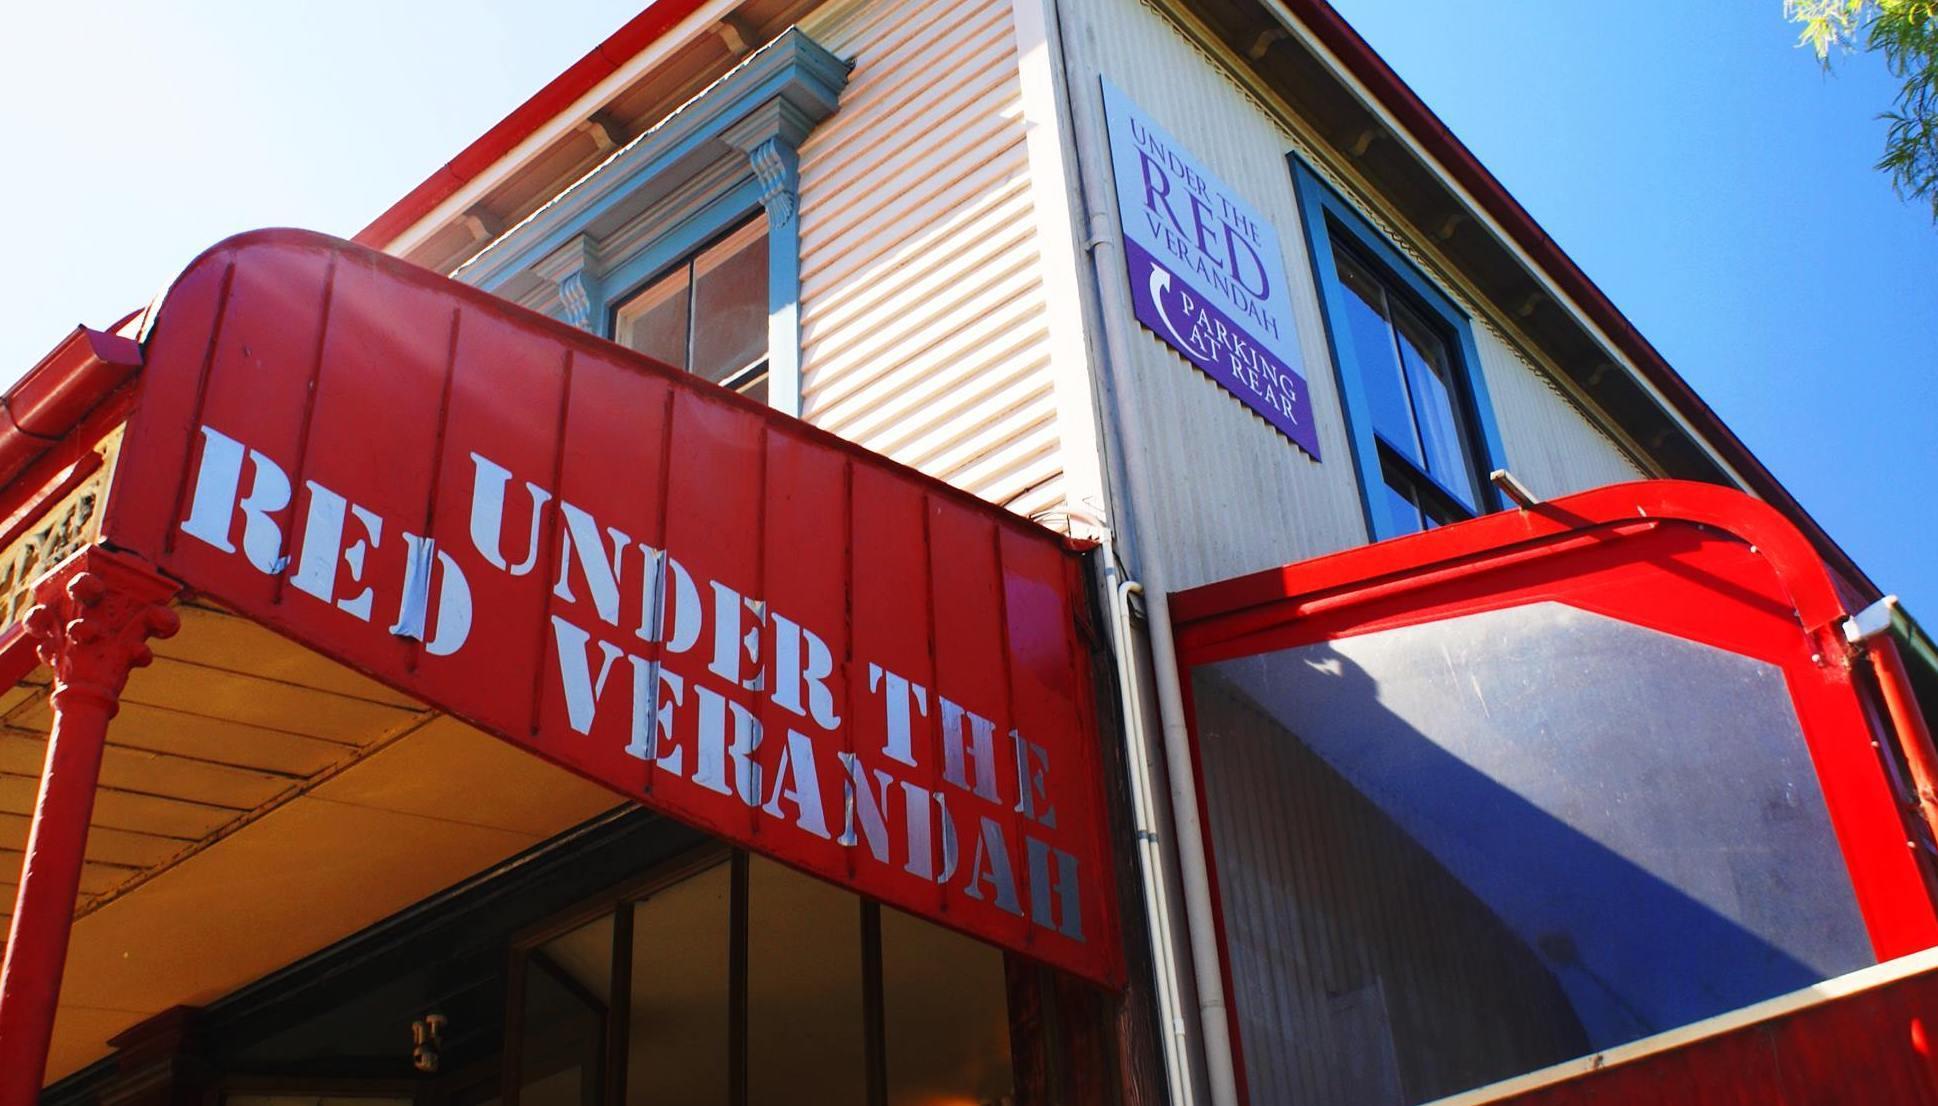 Under The Red Verandah